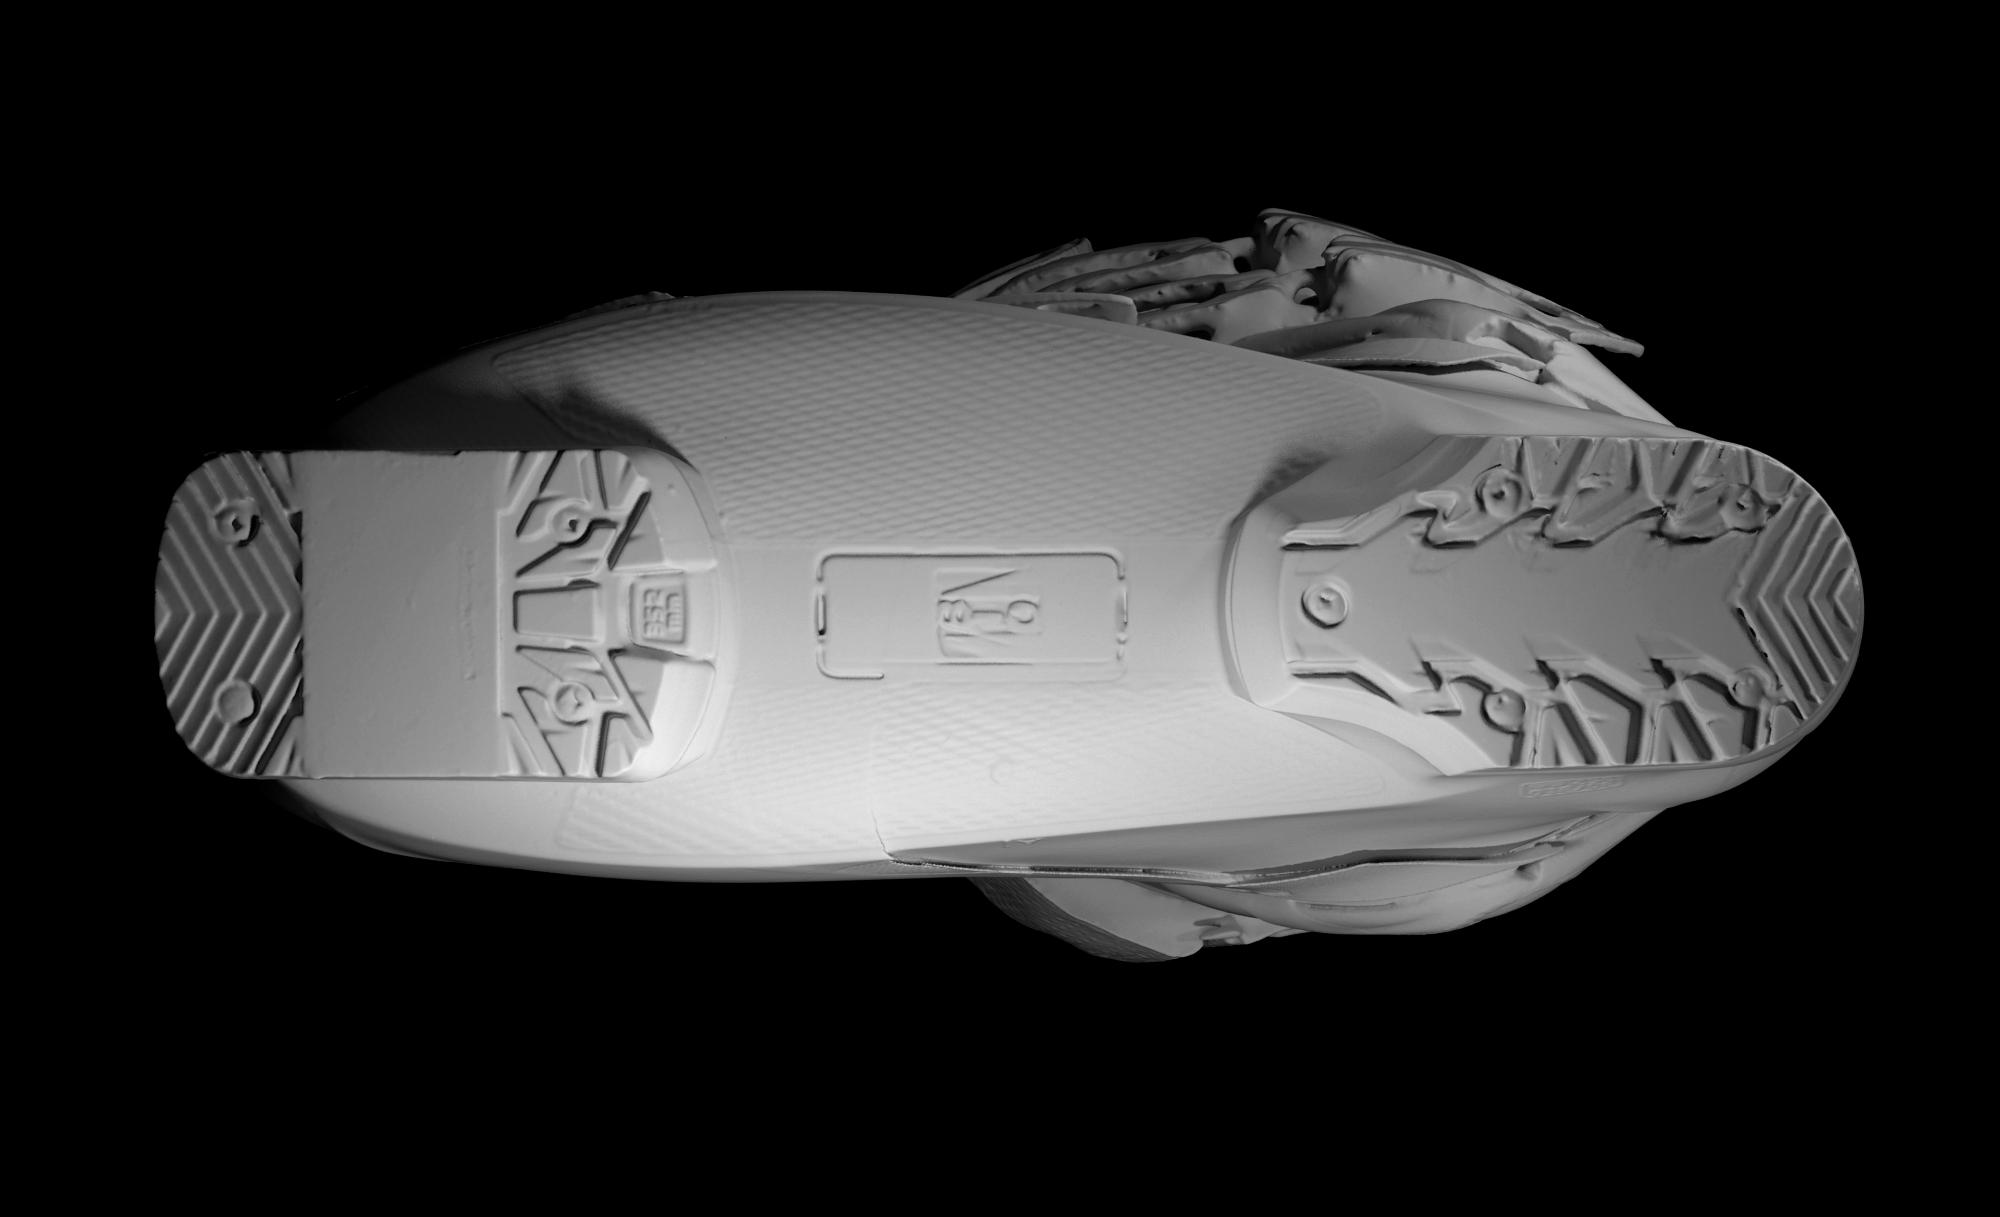 scansione 3d di scarpone da scii